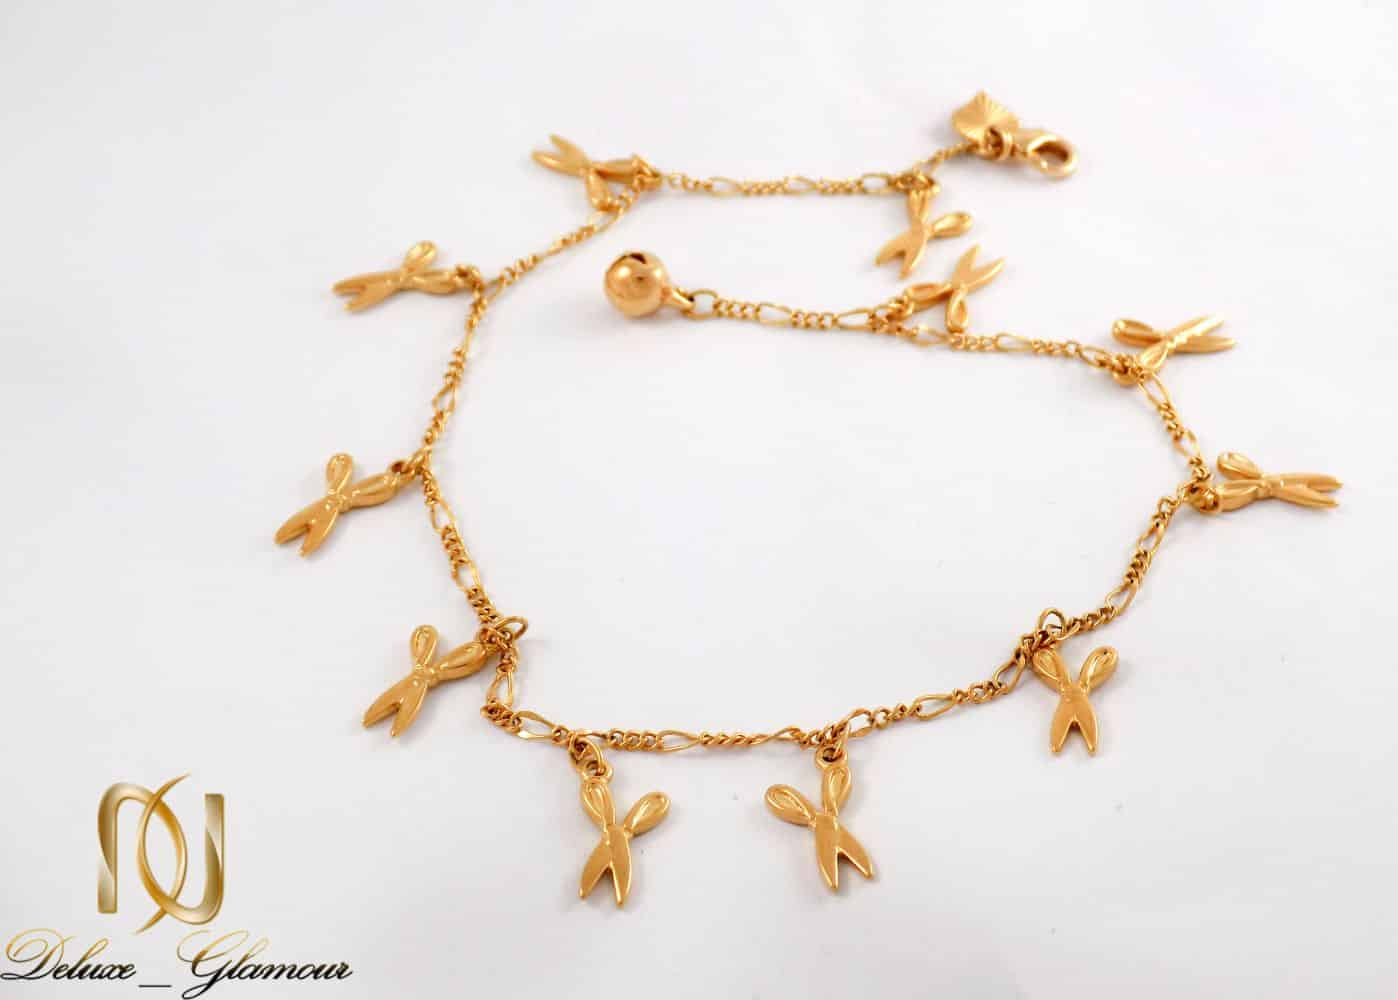 پابند زنانه ژوپینگ با طرح قیچی و روکش آب طلای 18 عیار se-n112